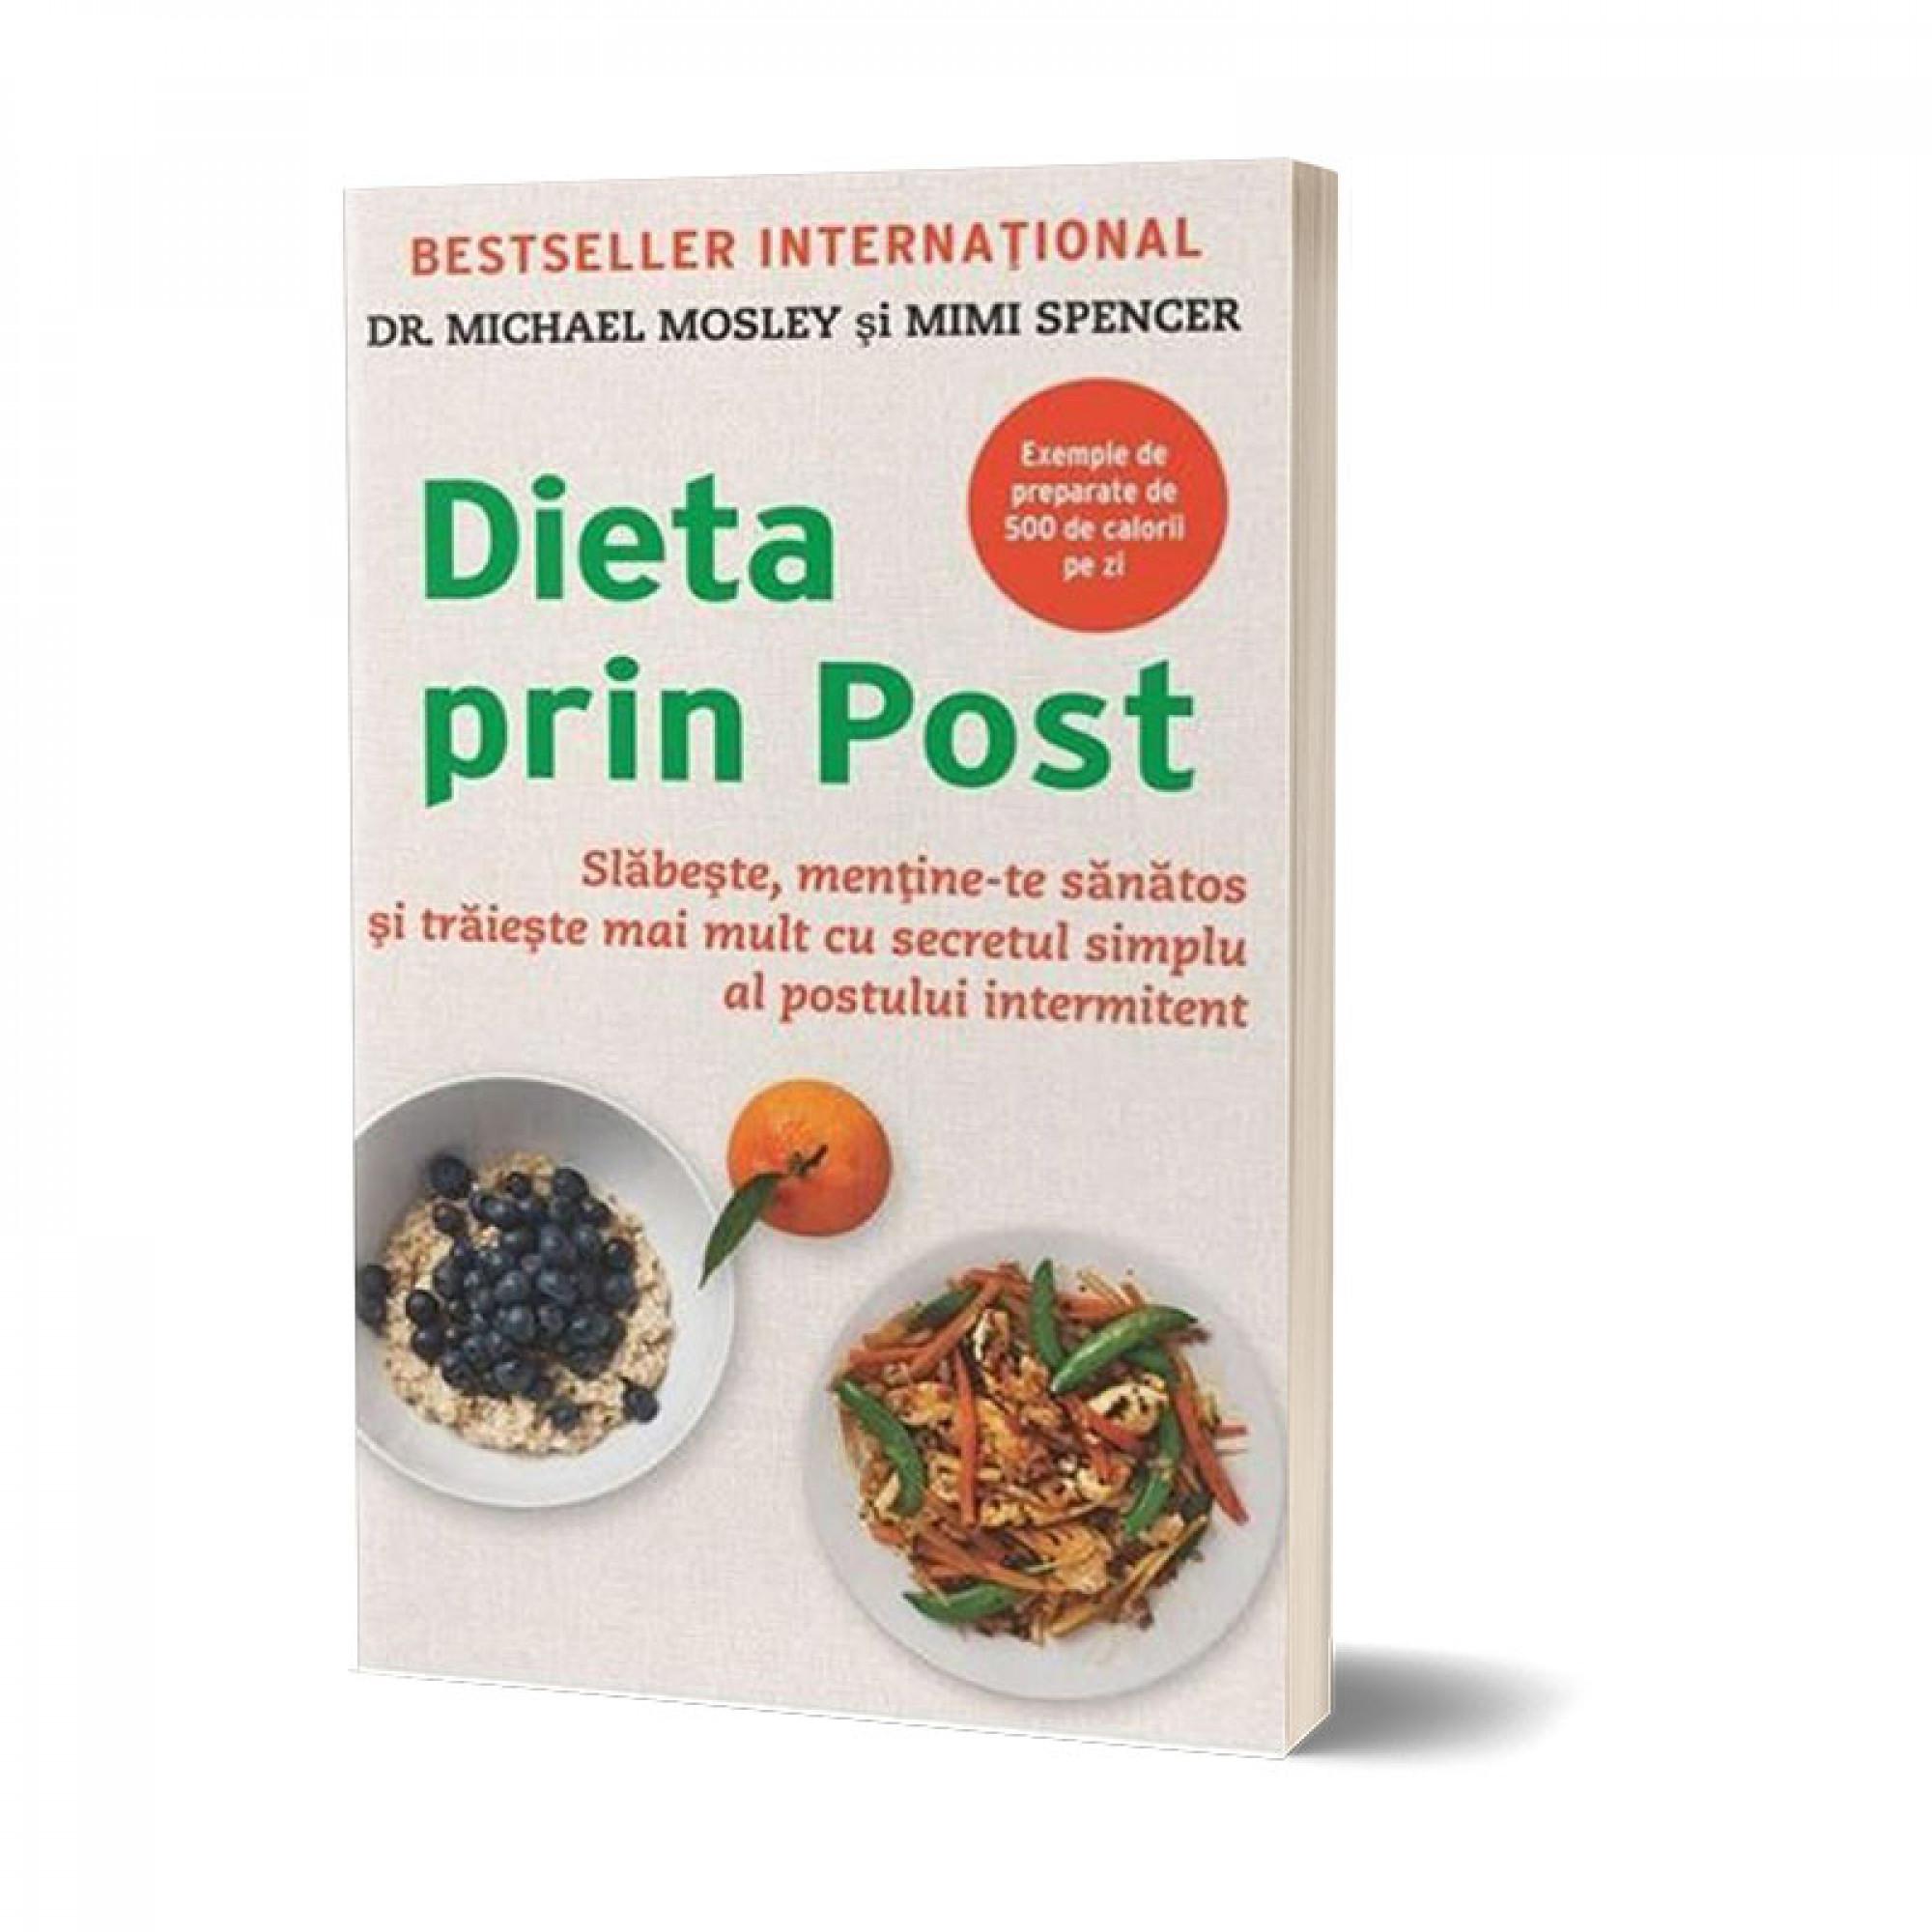 Dieta prin post. Slăbește, menține-te sănătos și trăiește mai mult cu secretul simplu al postului intermitent; Michael Mosley și Mimi Spencer